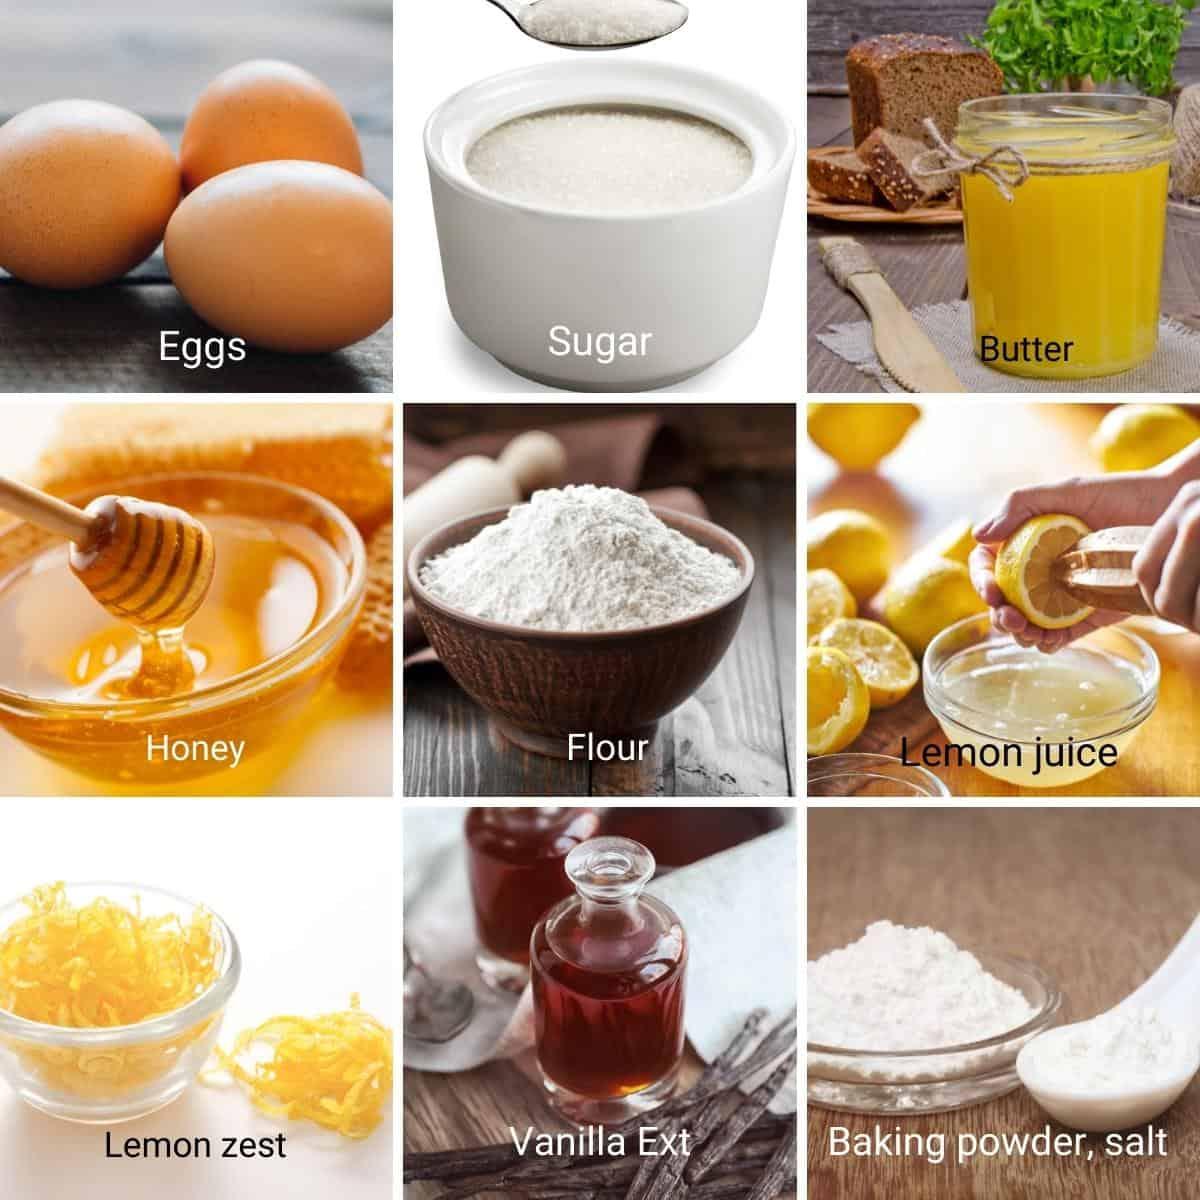 Ingredients for making vanilla madeleines.